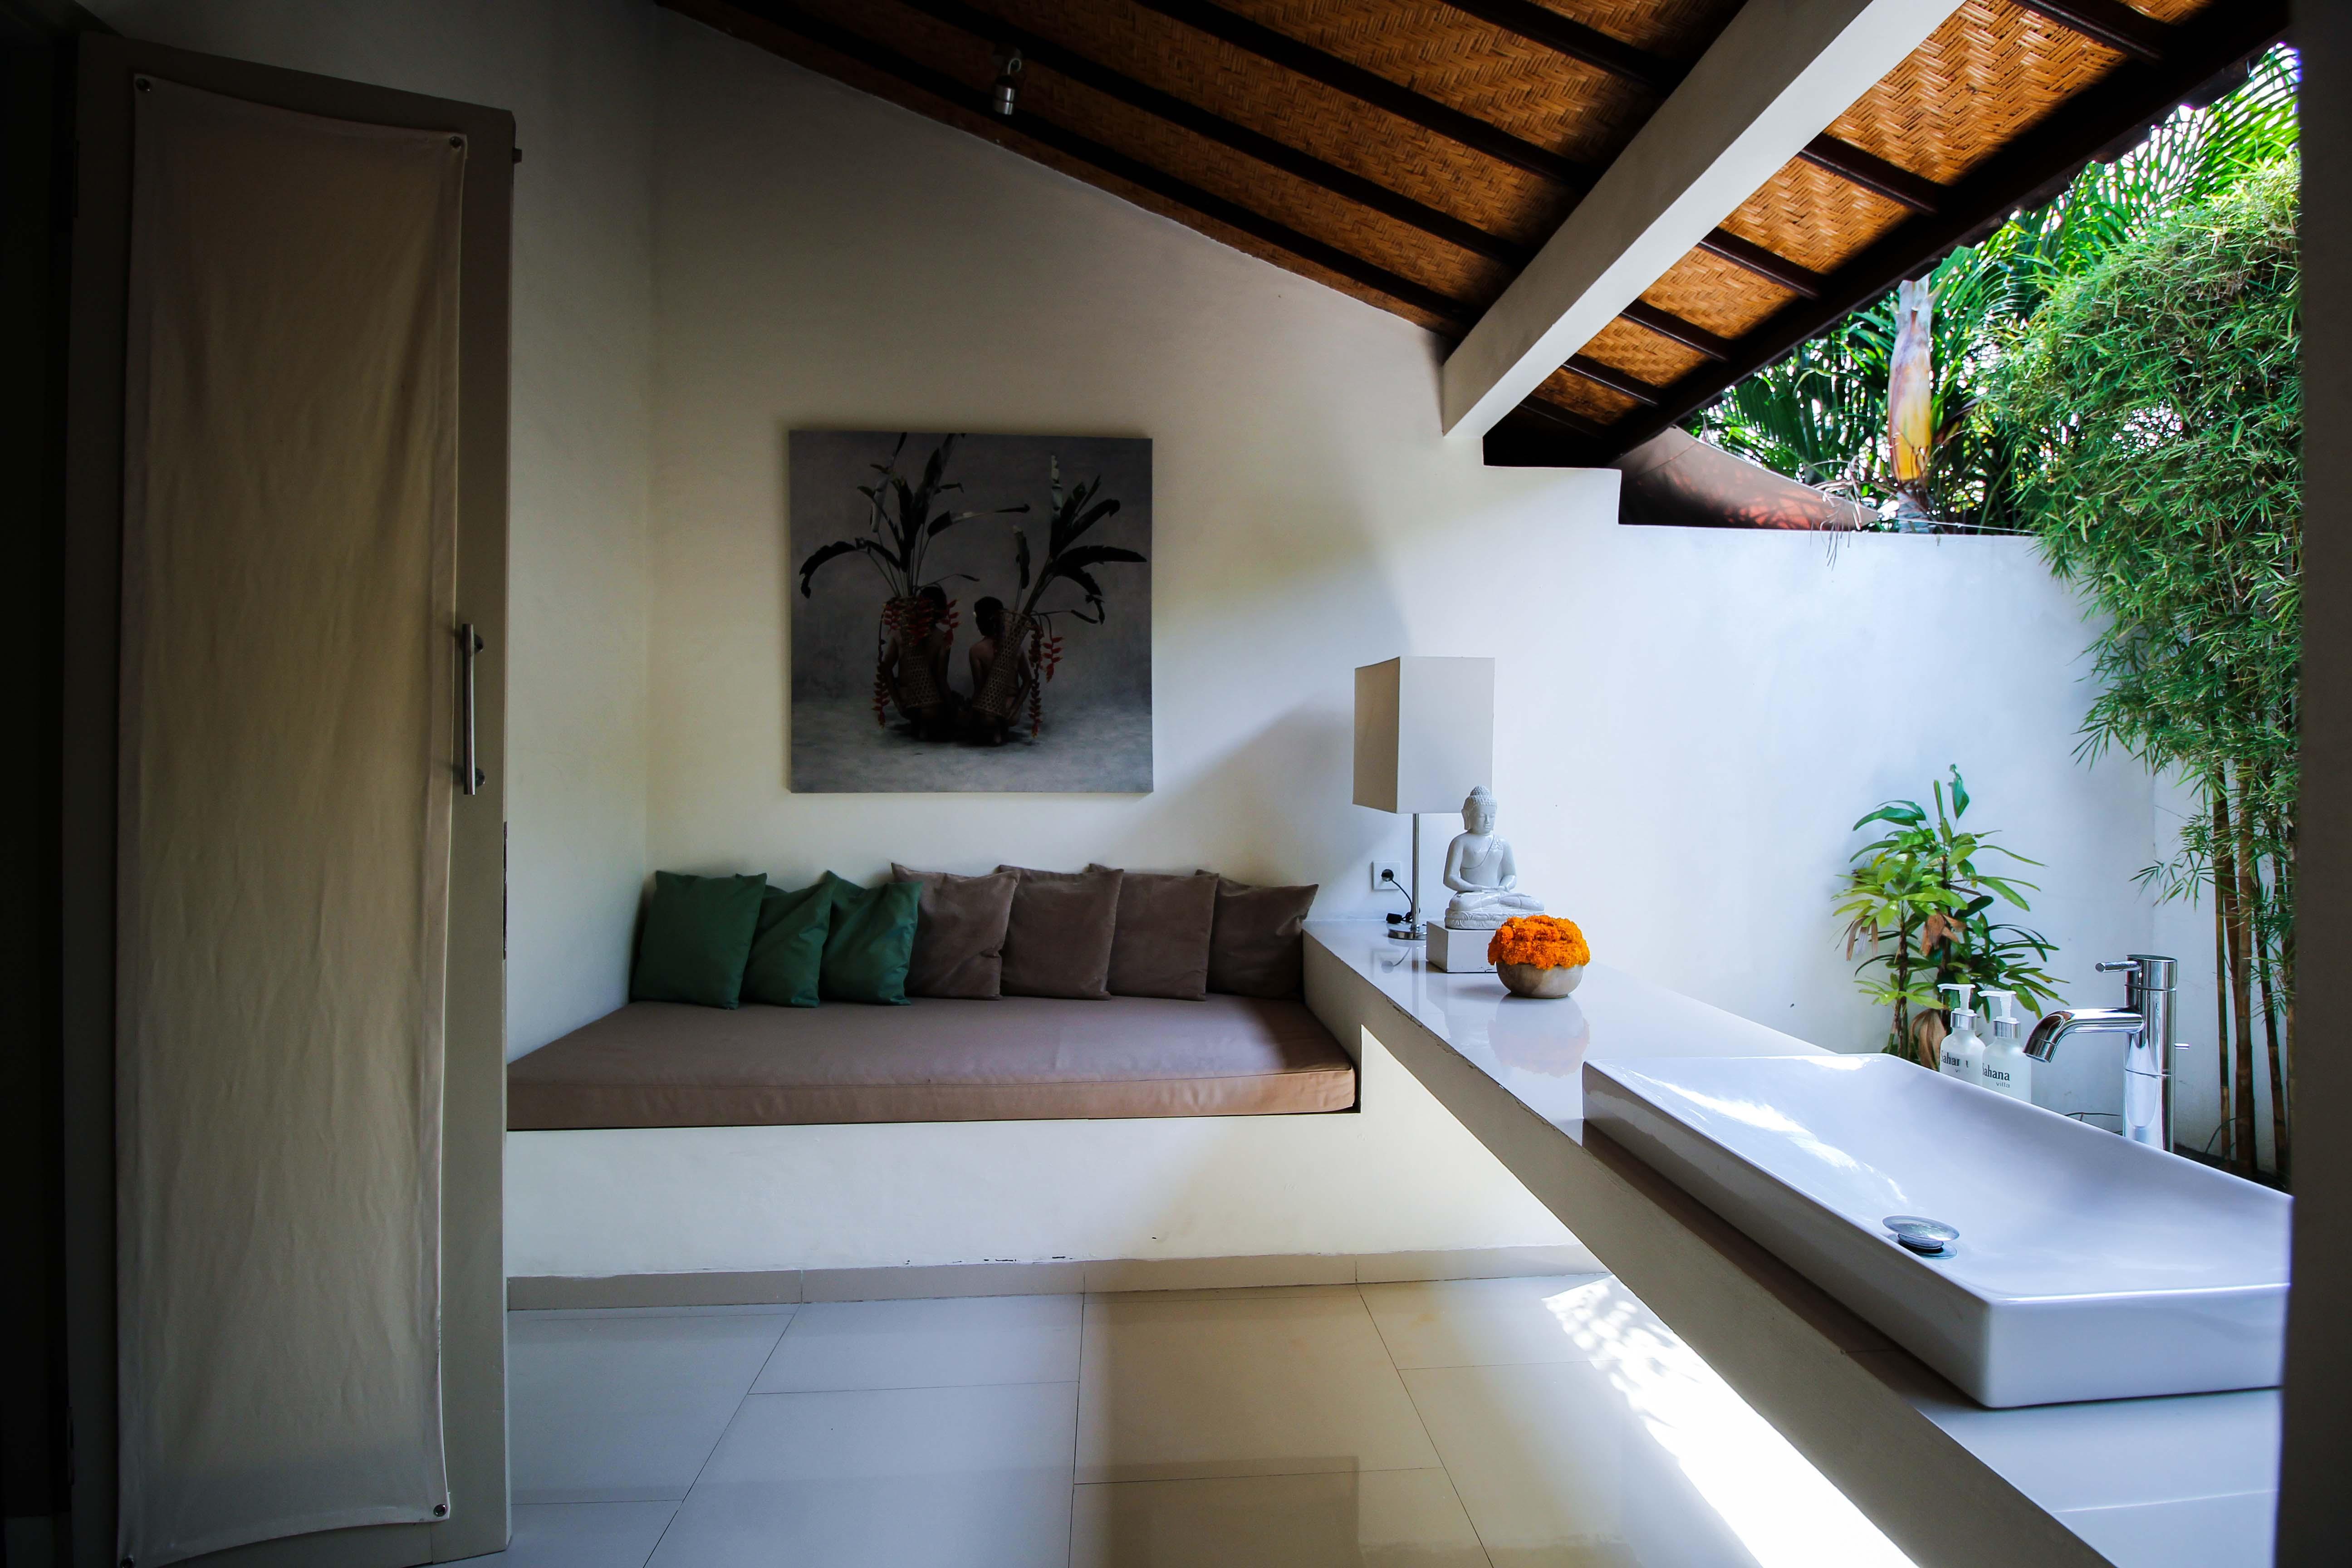 Sahana Villas Seminyak Poolvilla 3 Bedroom Seminyak Bali Luxusvilla mieten Badezimmer draußen offen Reiseblogger 3